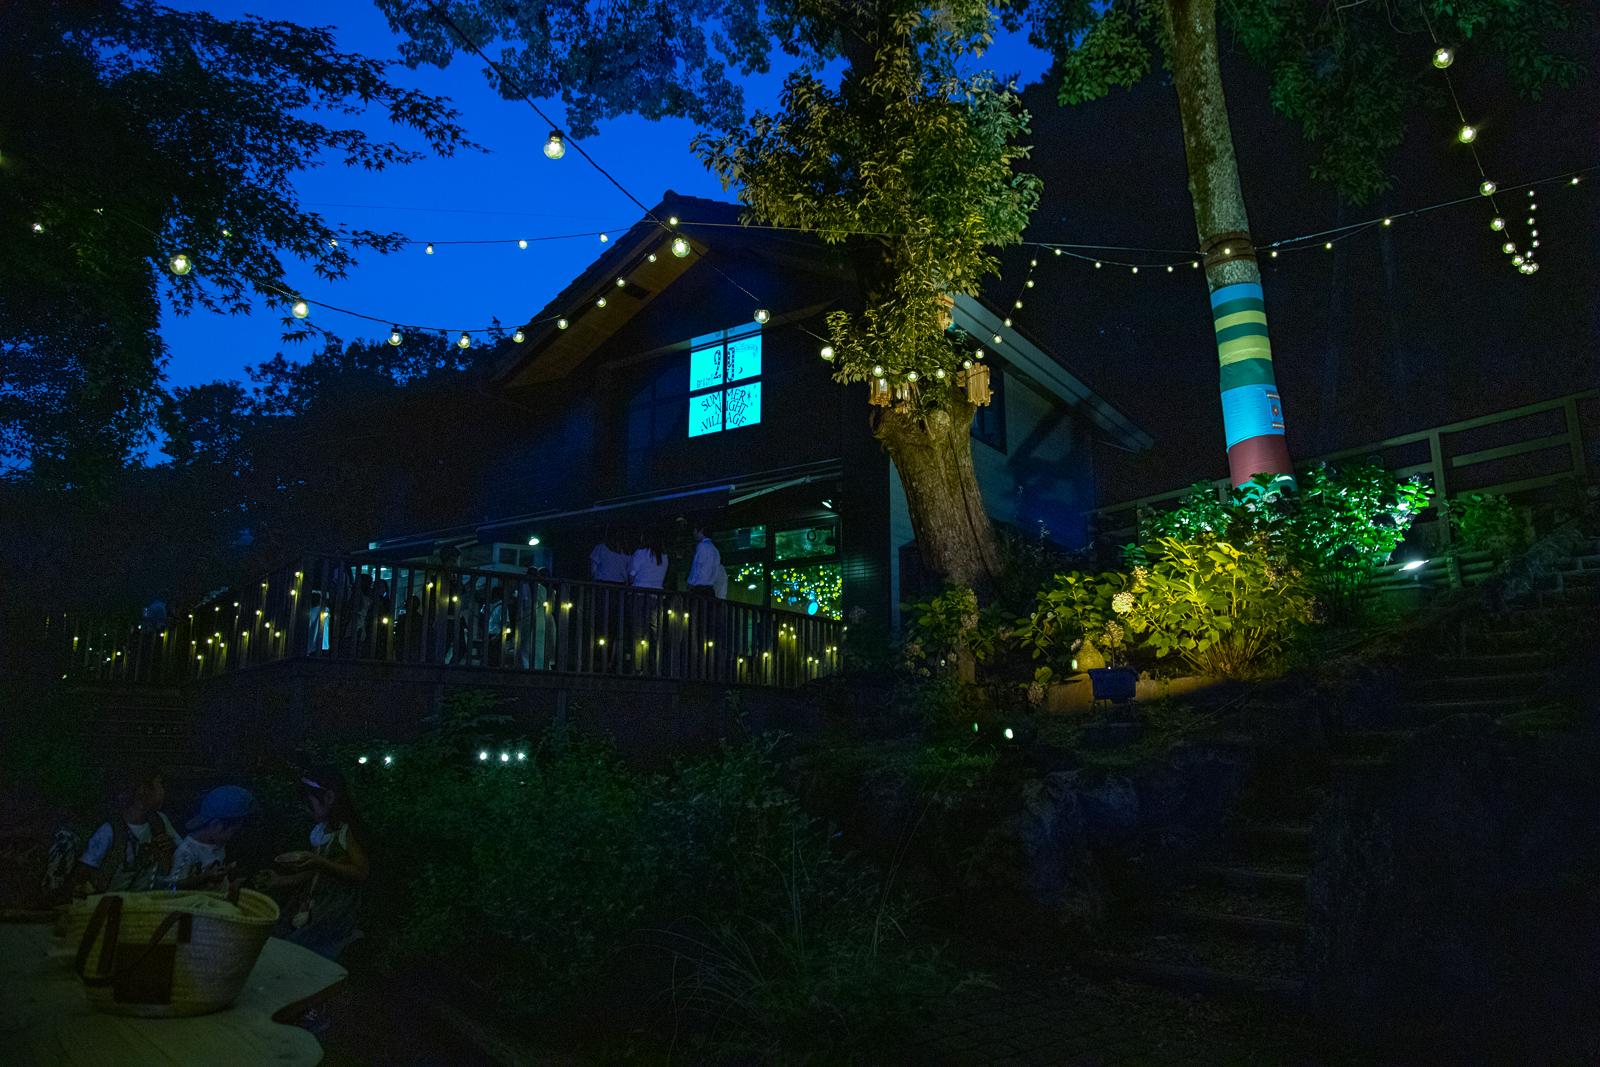 夜の箱根の楽しみ方を聞いてきた 「箱根湯本 SUMMER NIGHT VILLAGE」期間限定オープン